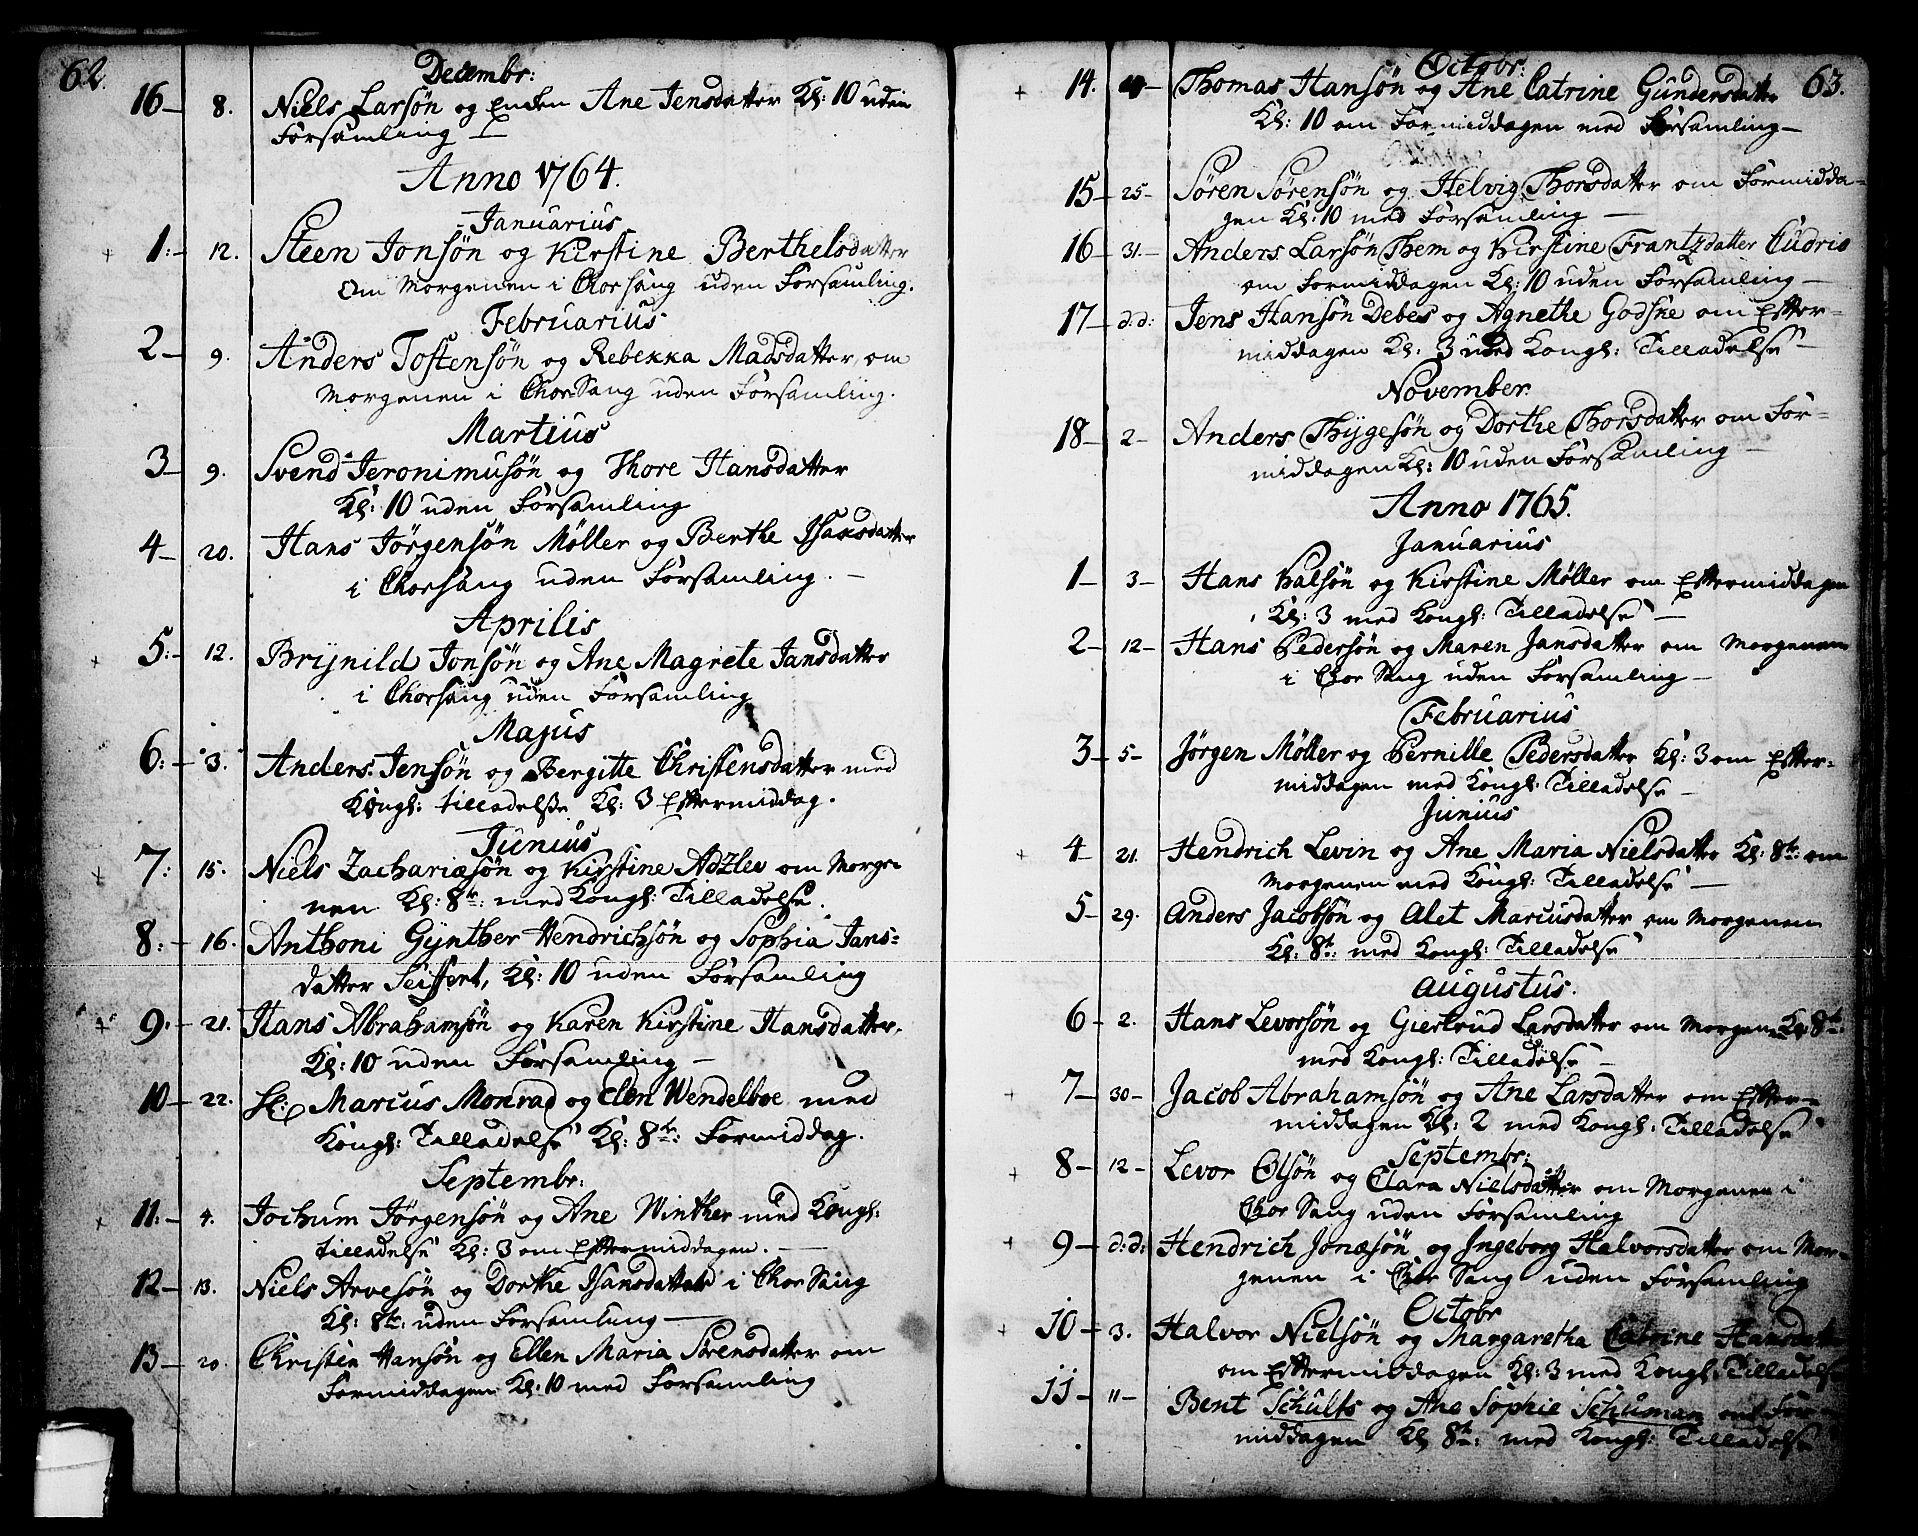 SAKO, Skien kirkebøker, F/Fa/L0003: Ministerialbok nr. 3, 1755-1791, s. 62-63